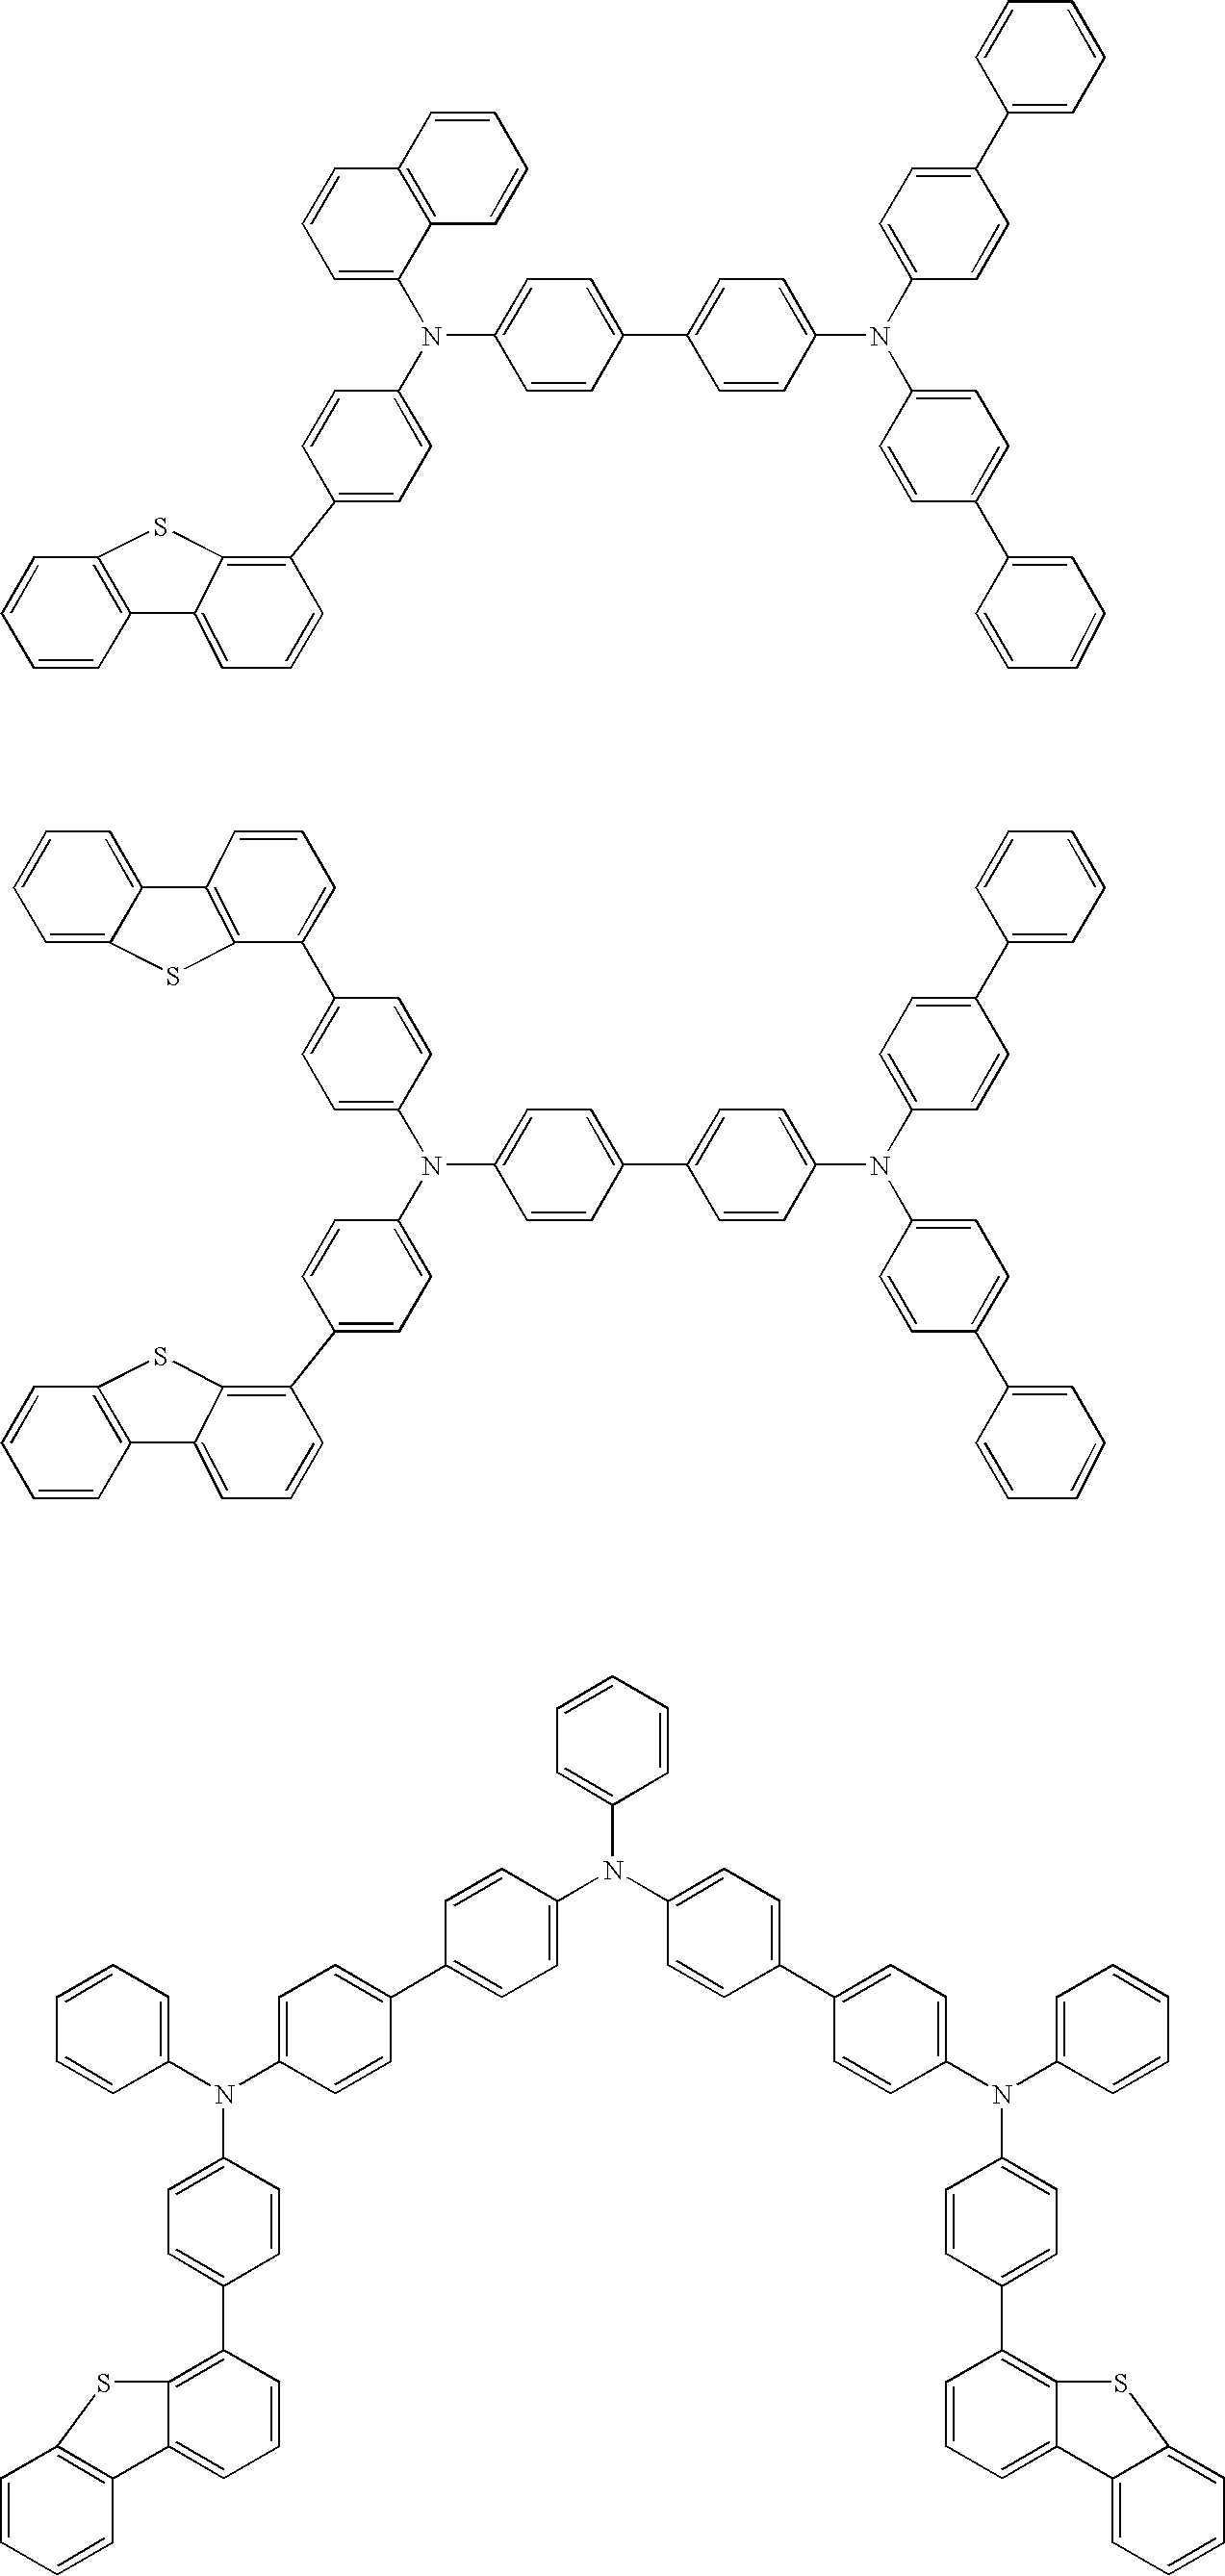 Figure US20070278938A1-20071206-C00023